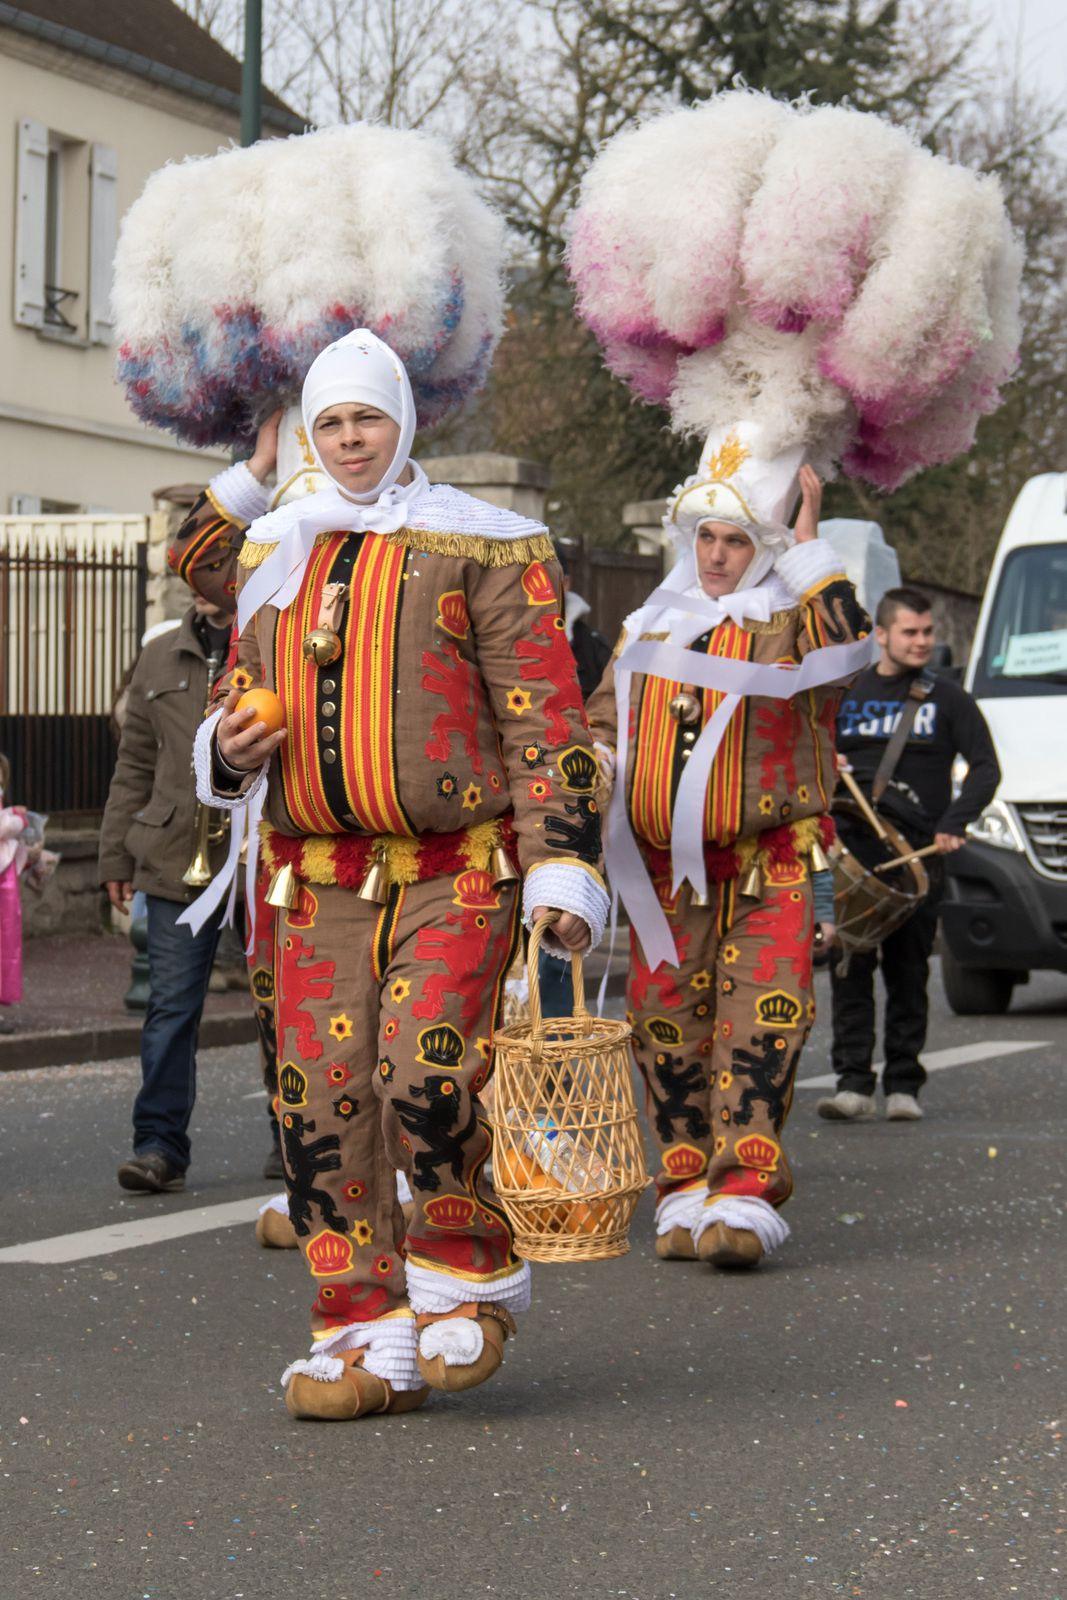 Carnaval de L'Isle-Adam.